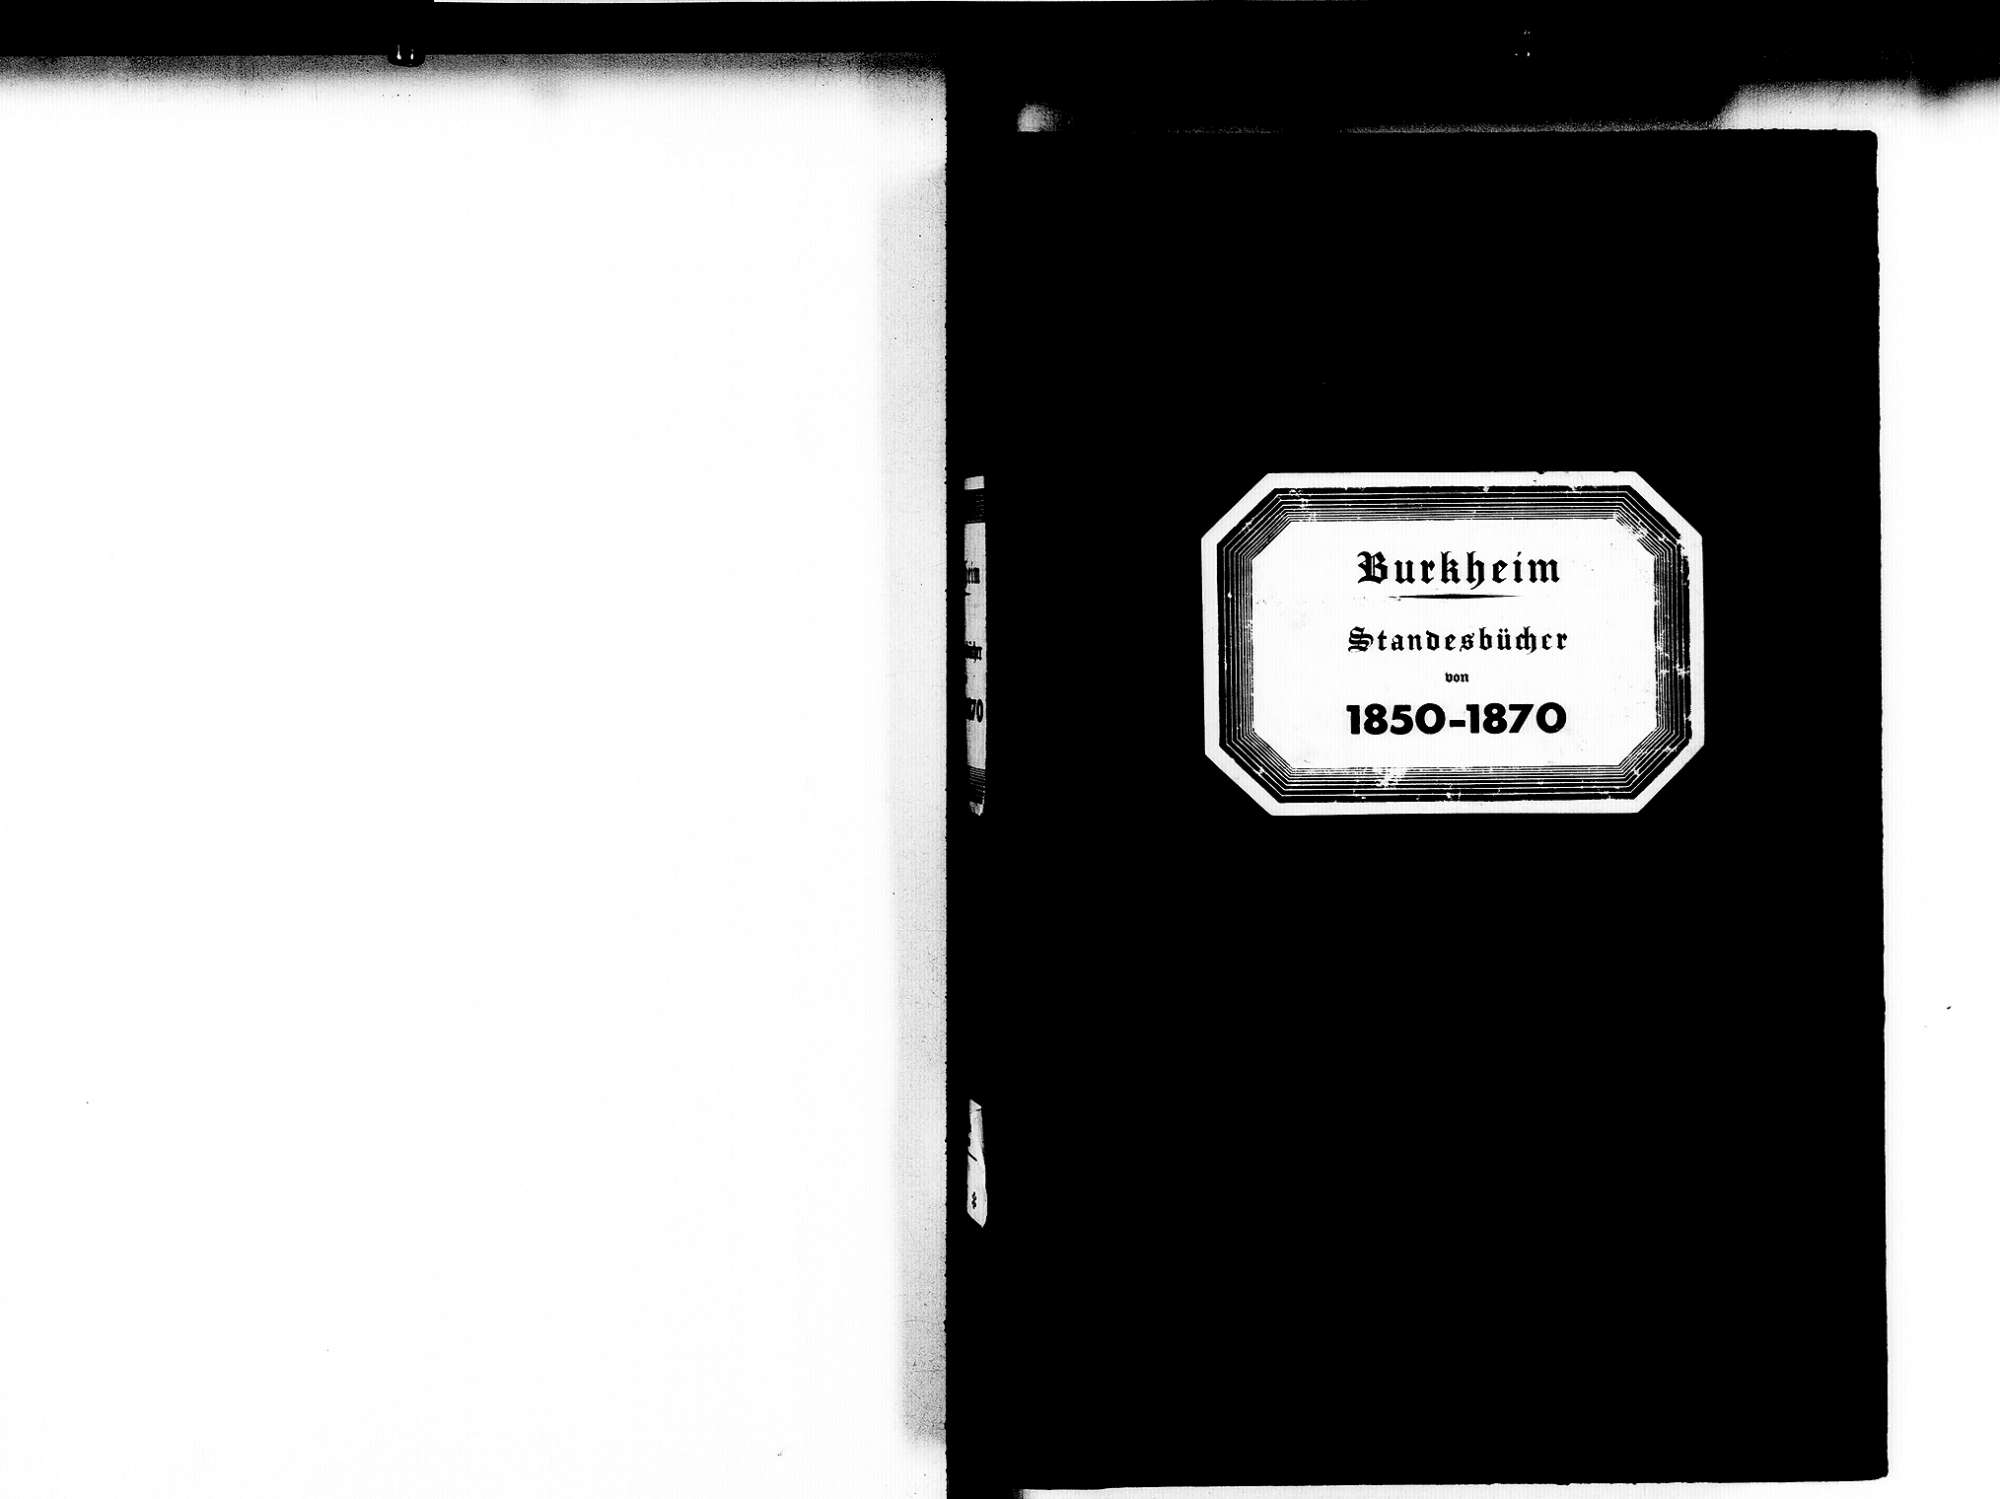 Burkheim Vogtsburg im Kaiserstuhl FR; Katholische Gemeinde: Standesbücher 1850-1870, Bild 3